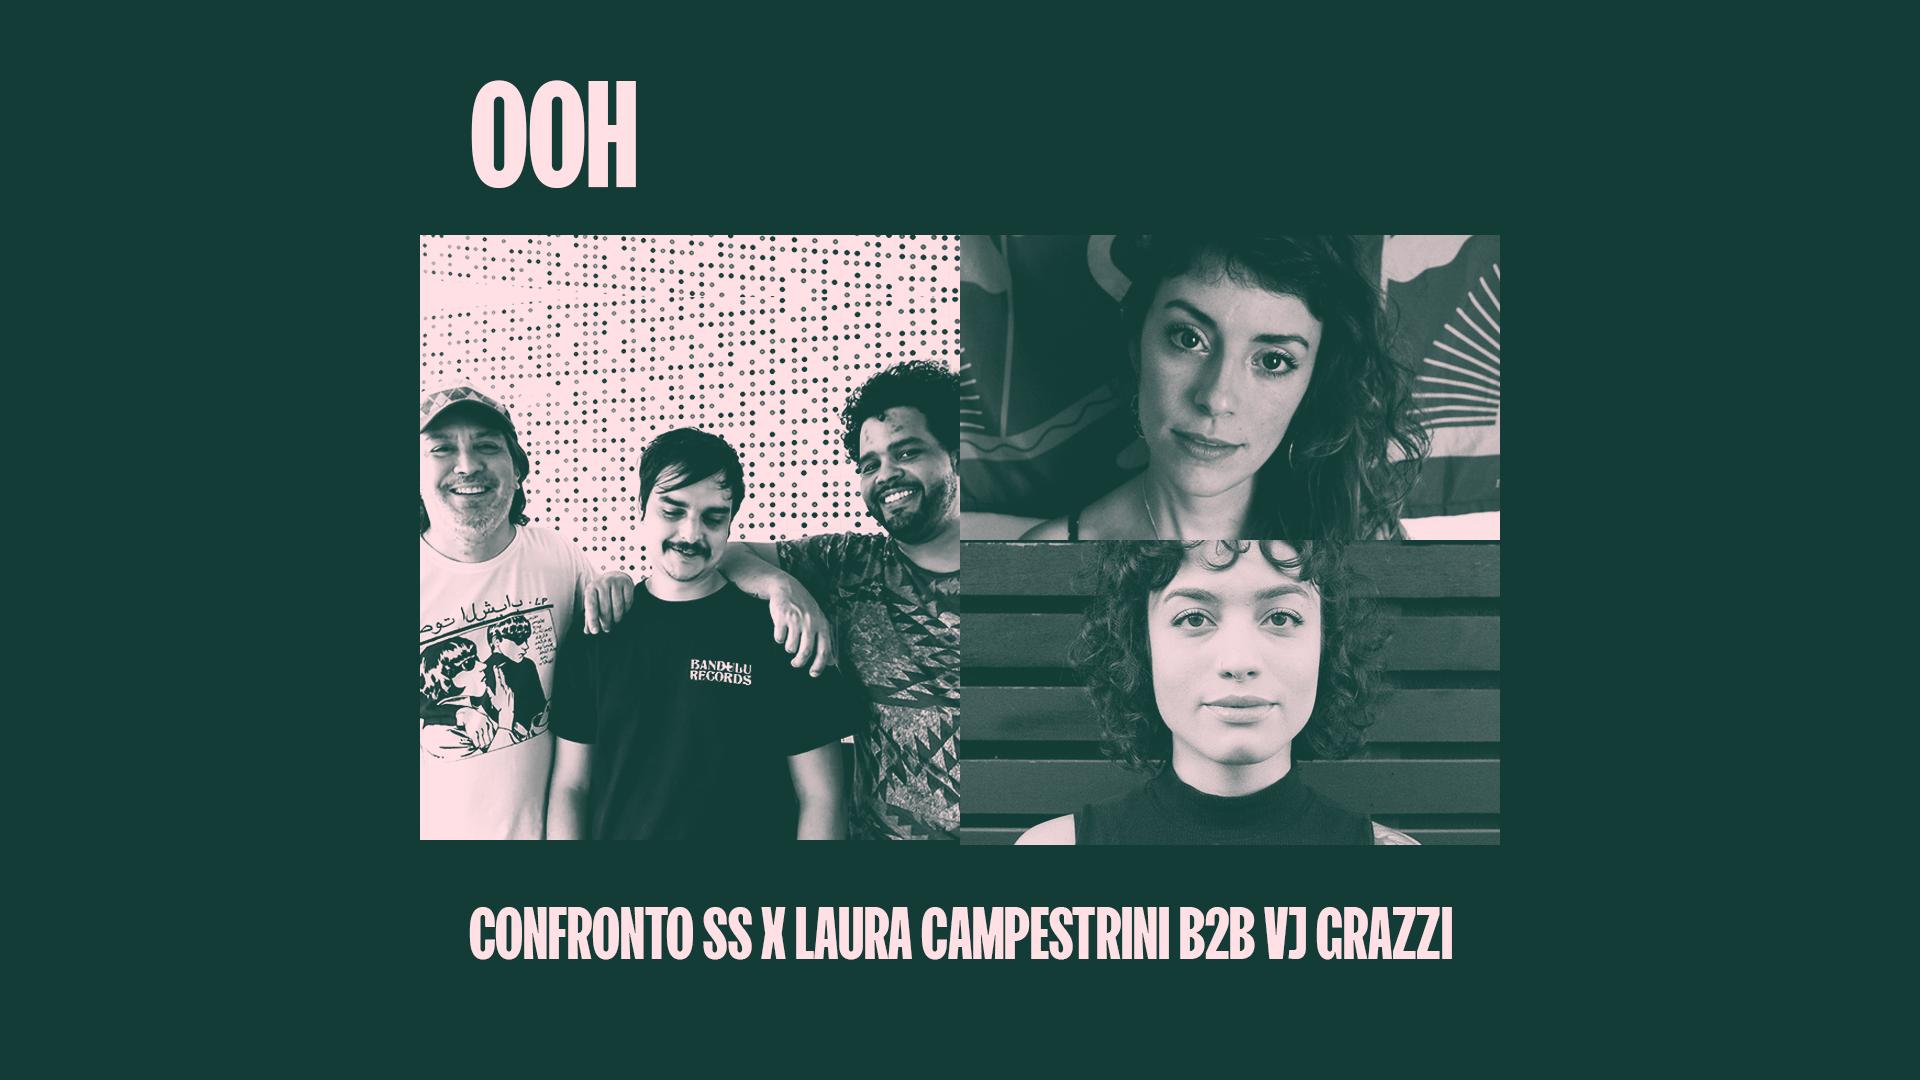 CONFRONTO SS x Laura Campestrini b2b VJ Grazzi